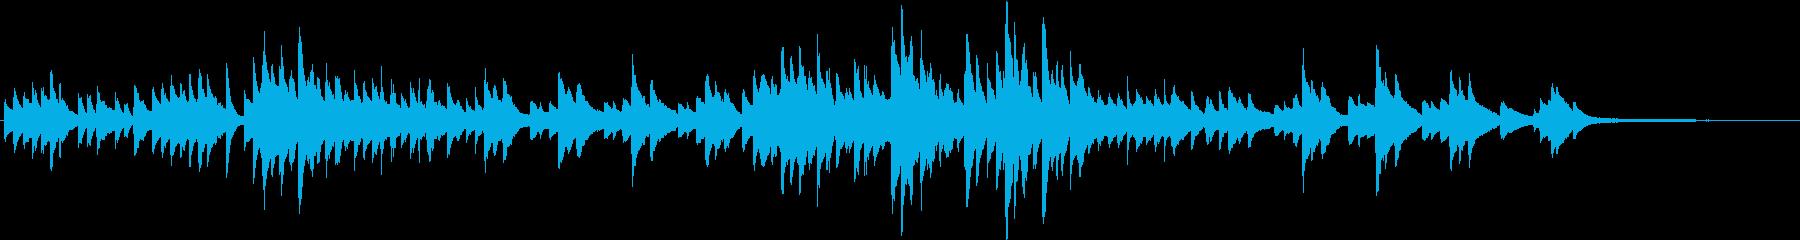 淡々としたピアノBGM(短調)の再生済みの波形